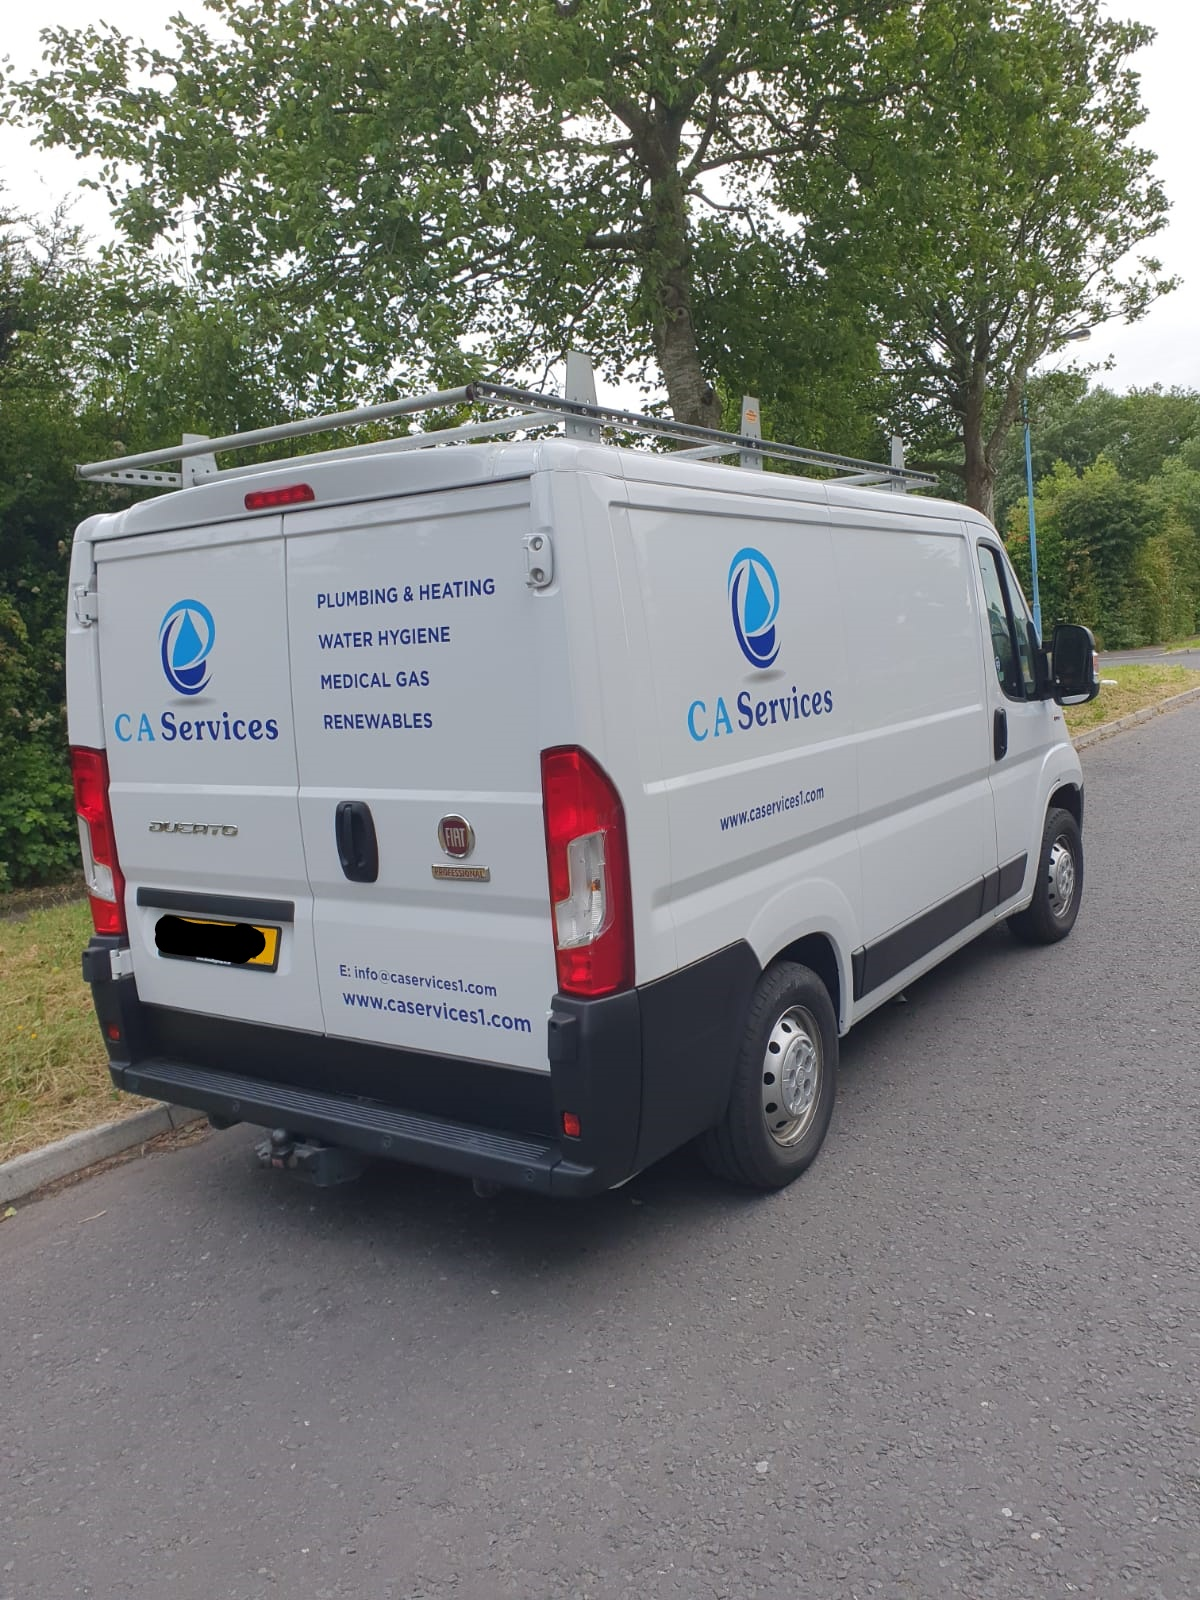 C A Services Fleet branding